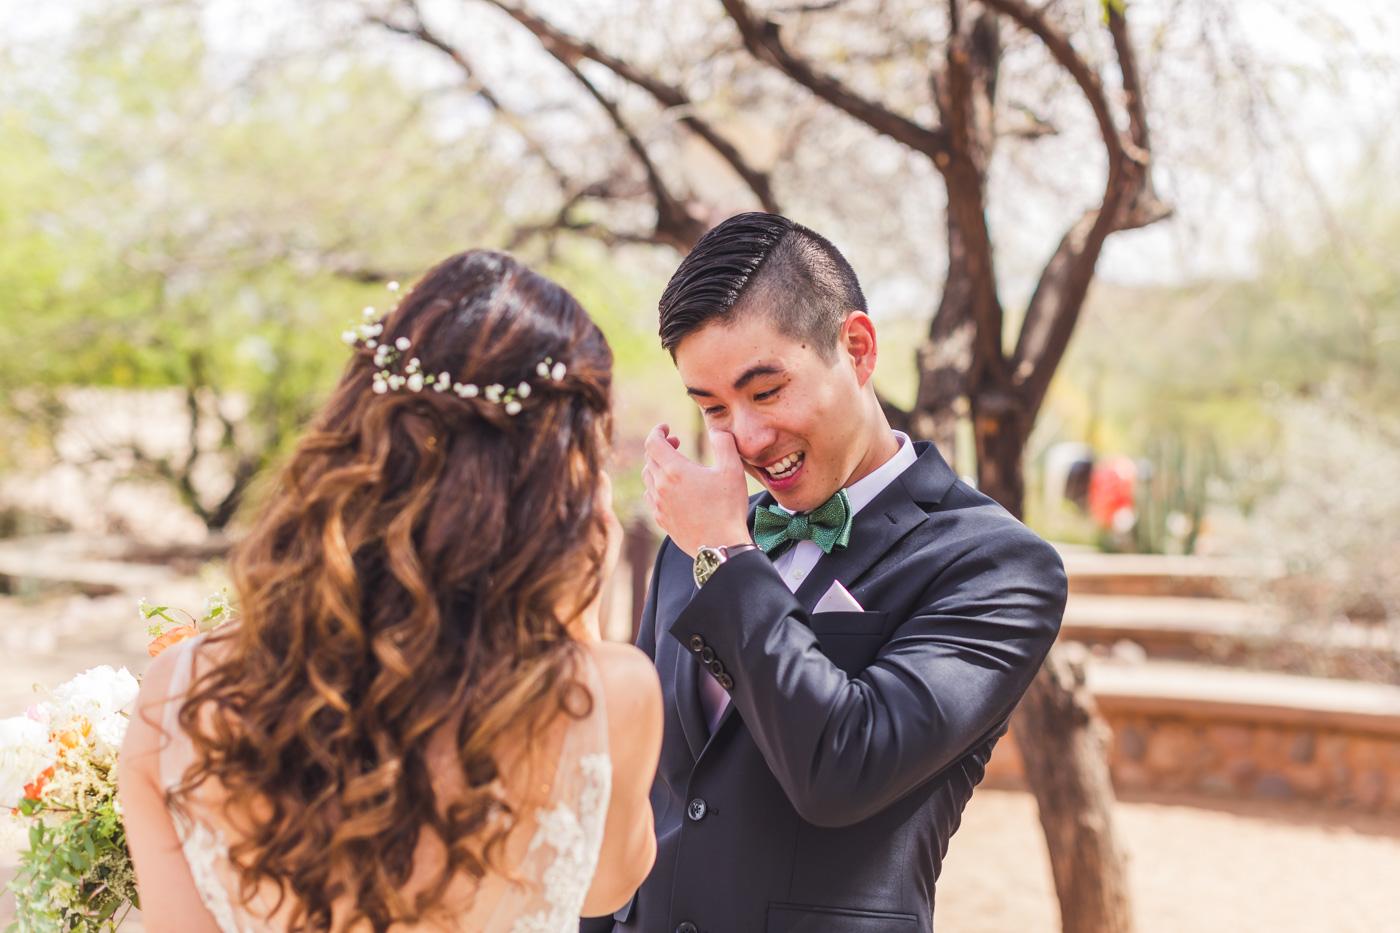 groom-tearing-up-seeing-bride